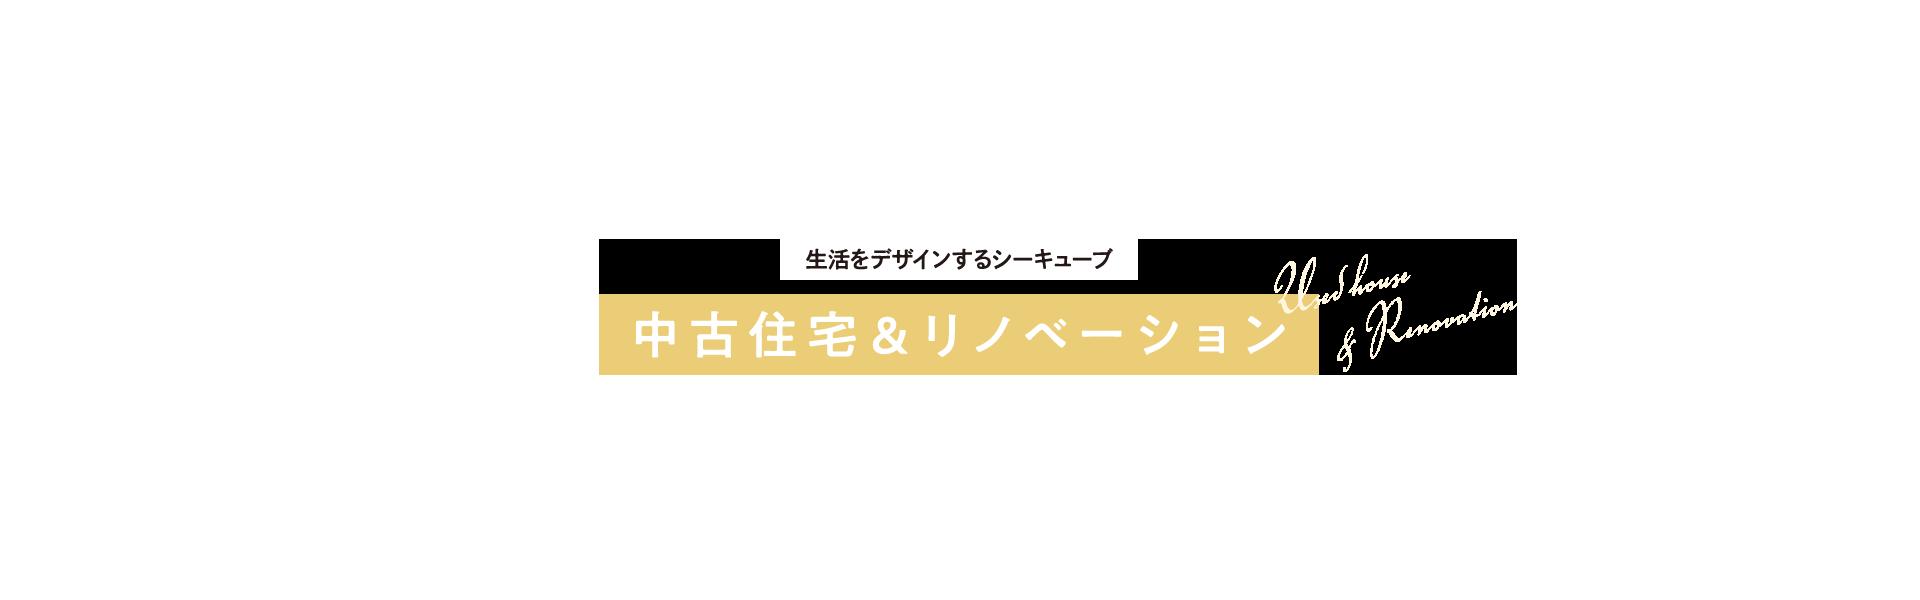 大阪でリフォームをお考えの方へ「毎日の暮らしにちょっとプラスを」快適な生活を送るためのリフォーム・リノベーションならシーキューブにお任せください。